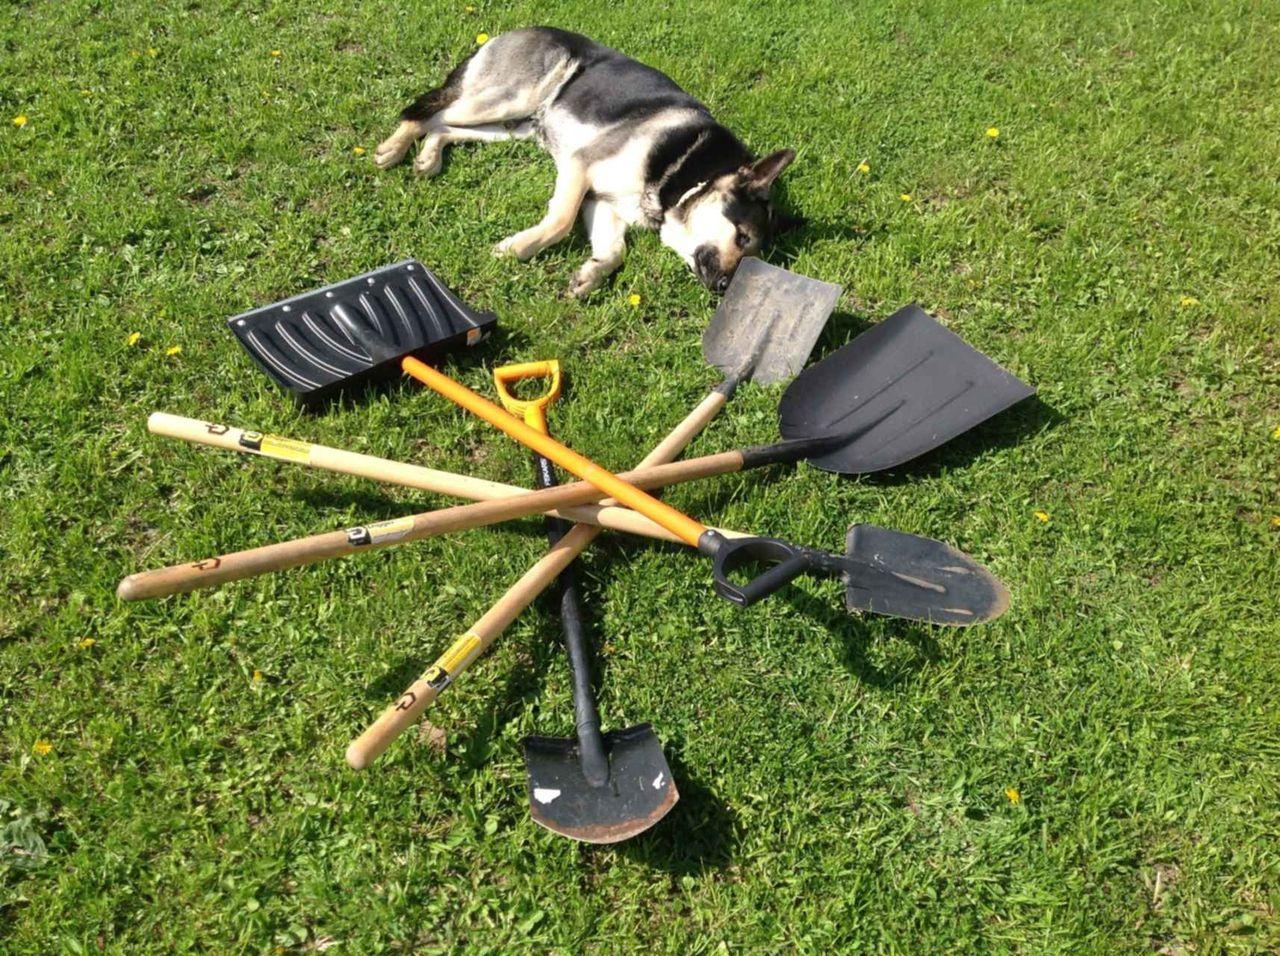 картинки лопата и дача начале